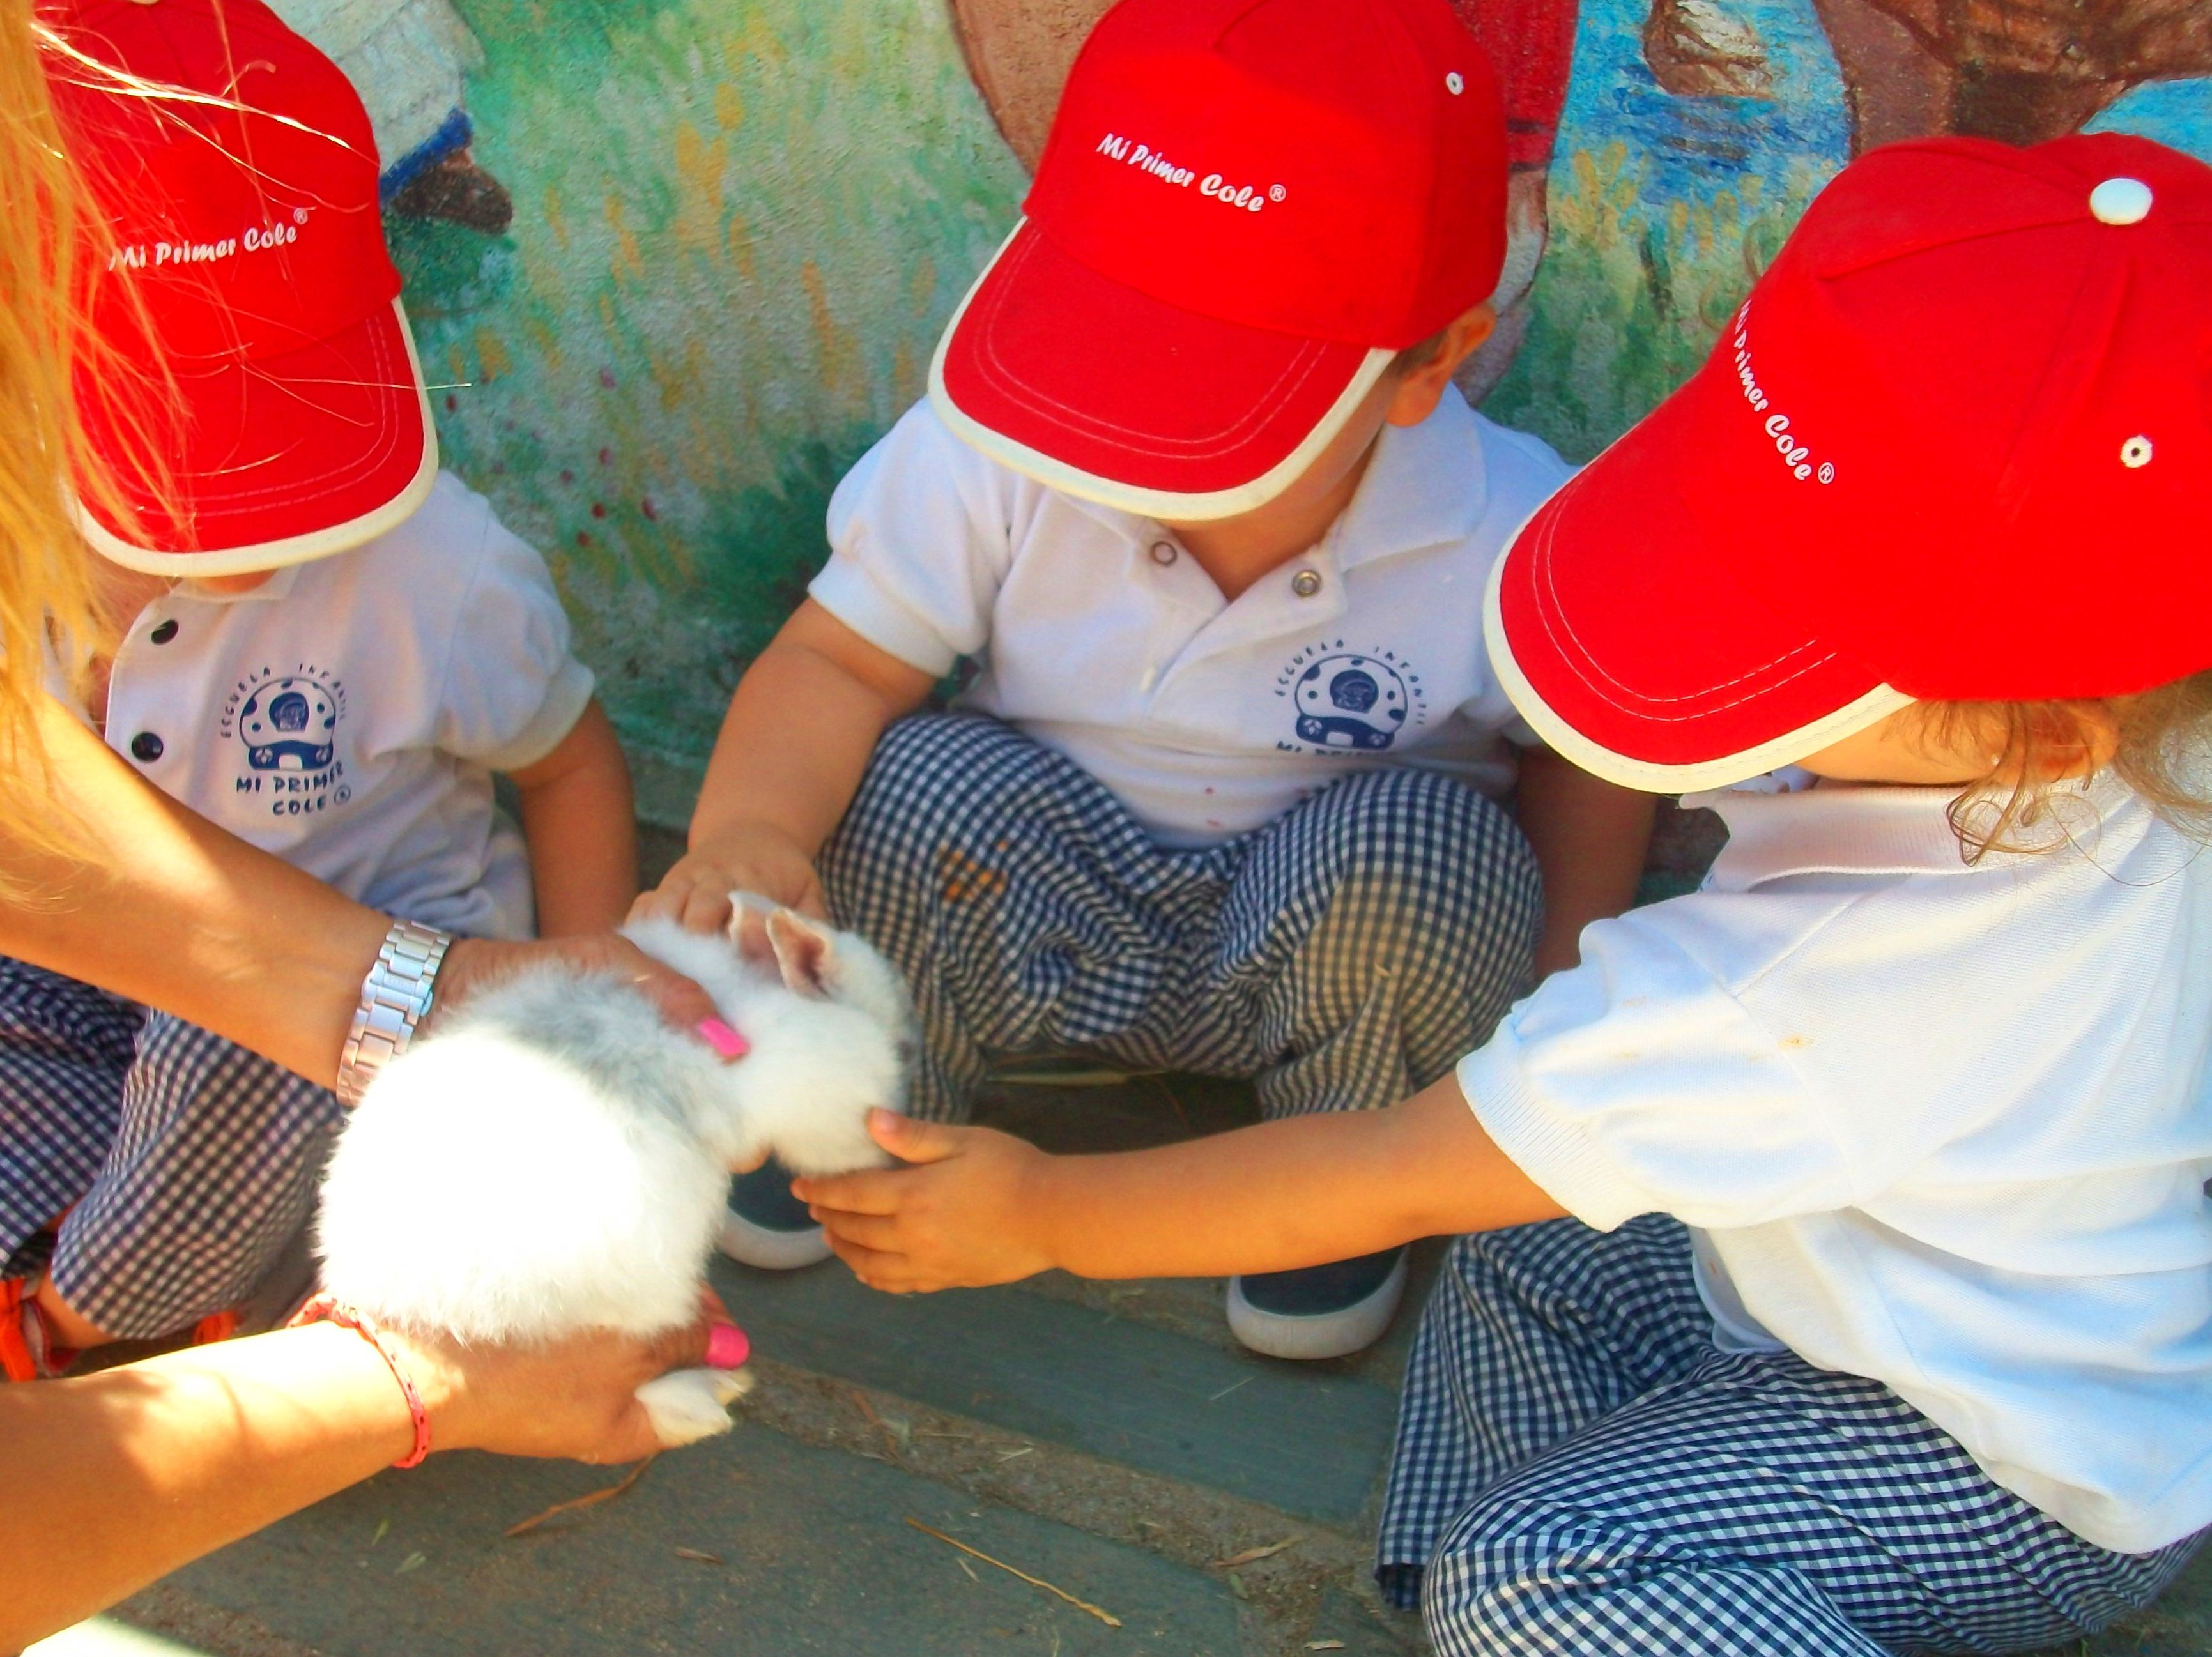 Foto 13 de Guarderías y Escuelas infantiles en Madrid | Mi Primer Cole